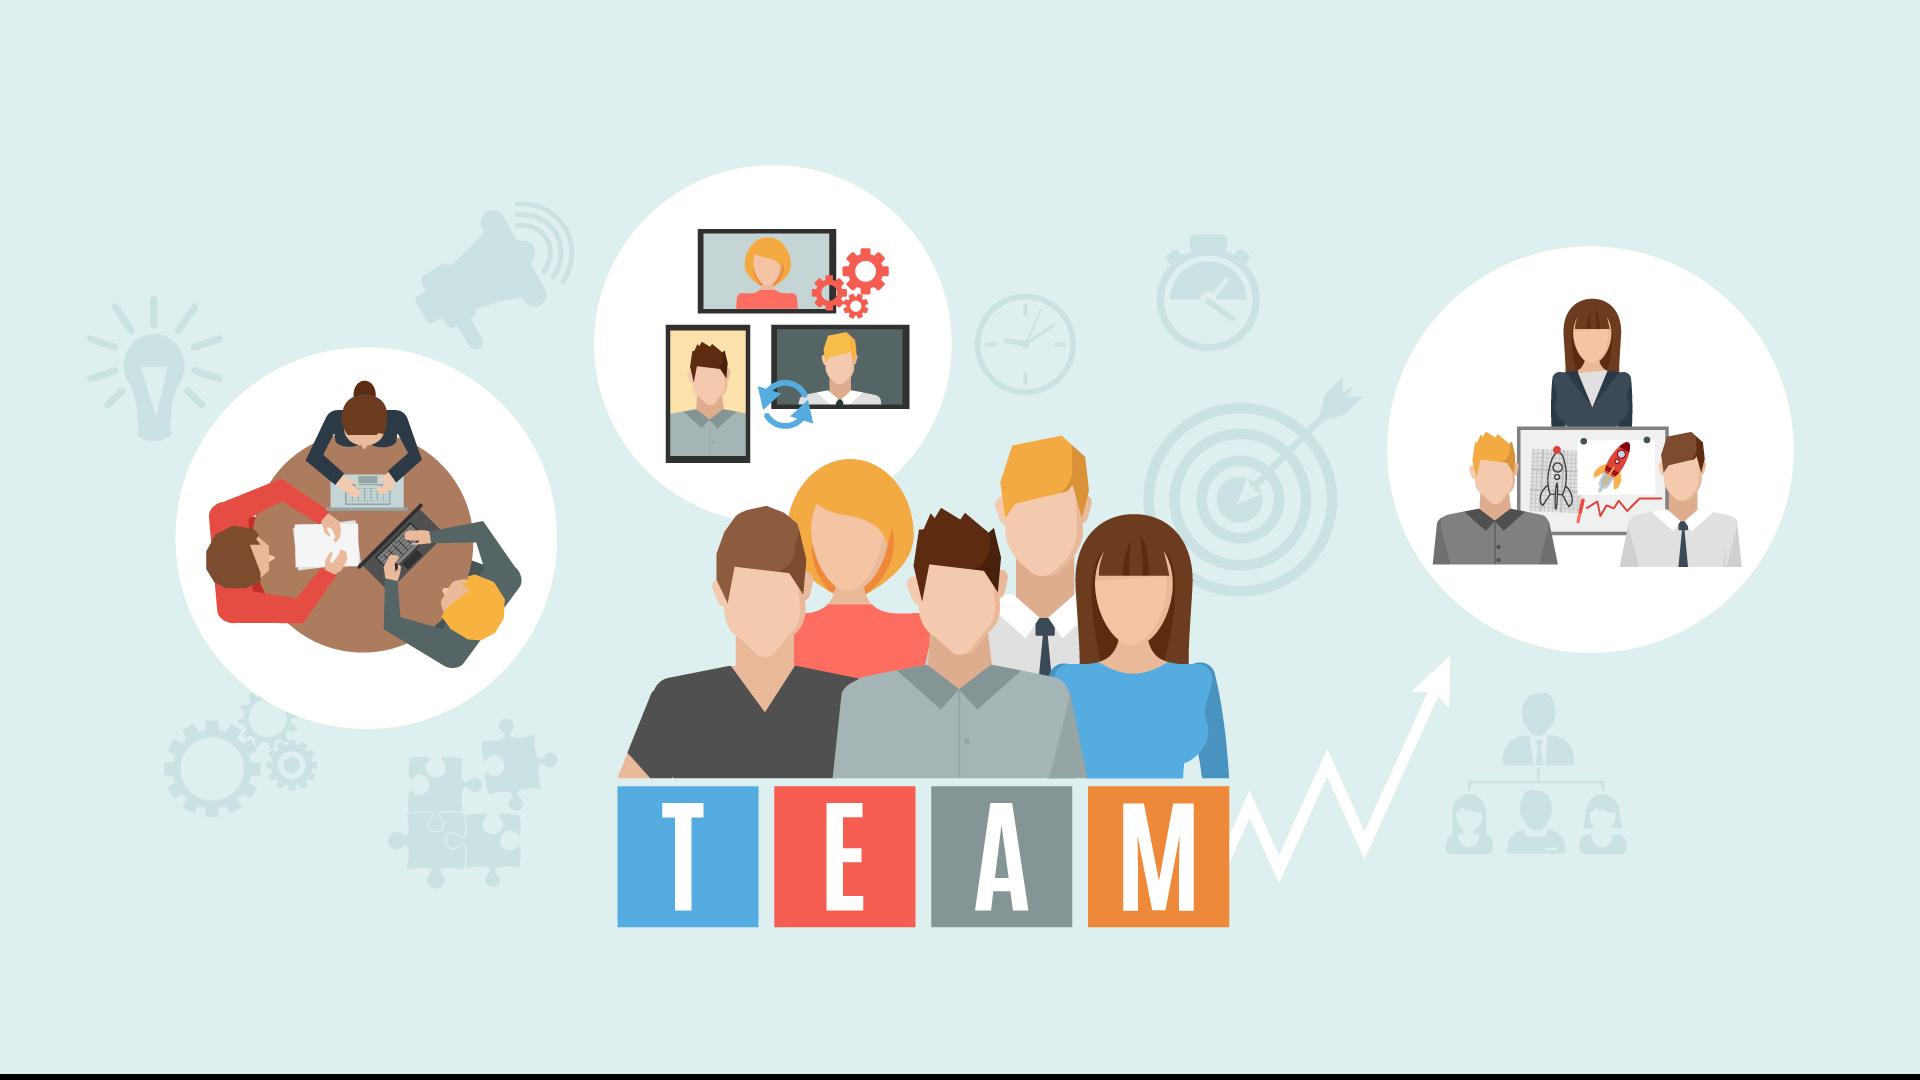 Involve the whole team